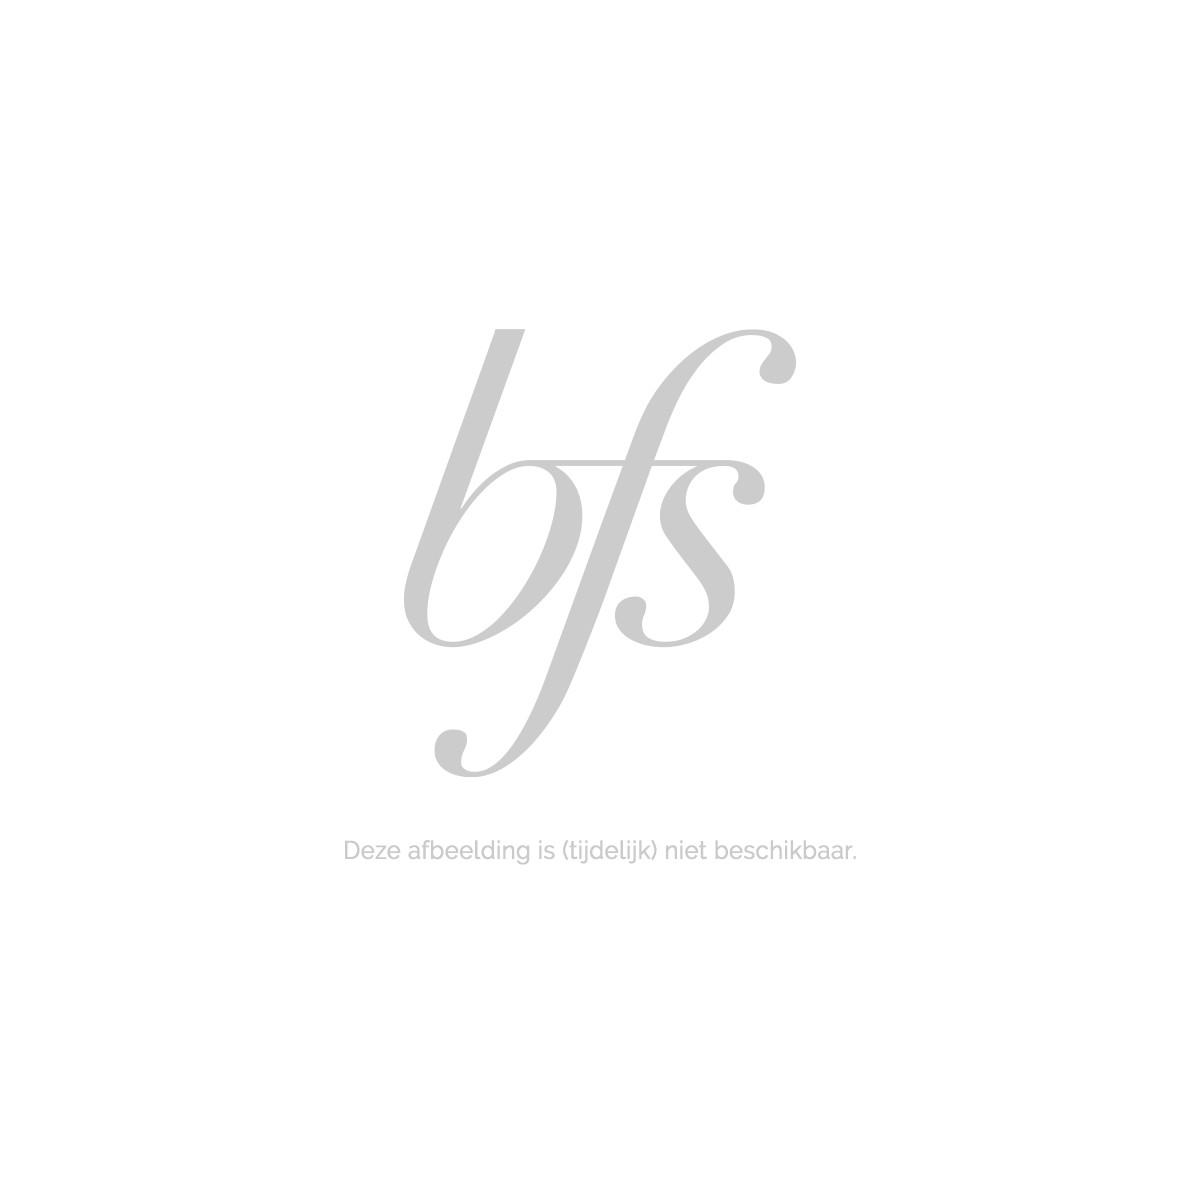 Comair Bamboo Line Föhnbürste Pneumatikbürste 10 Reihig Wildschweinborsten Mit Nylonstiften